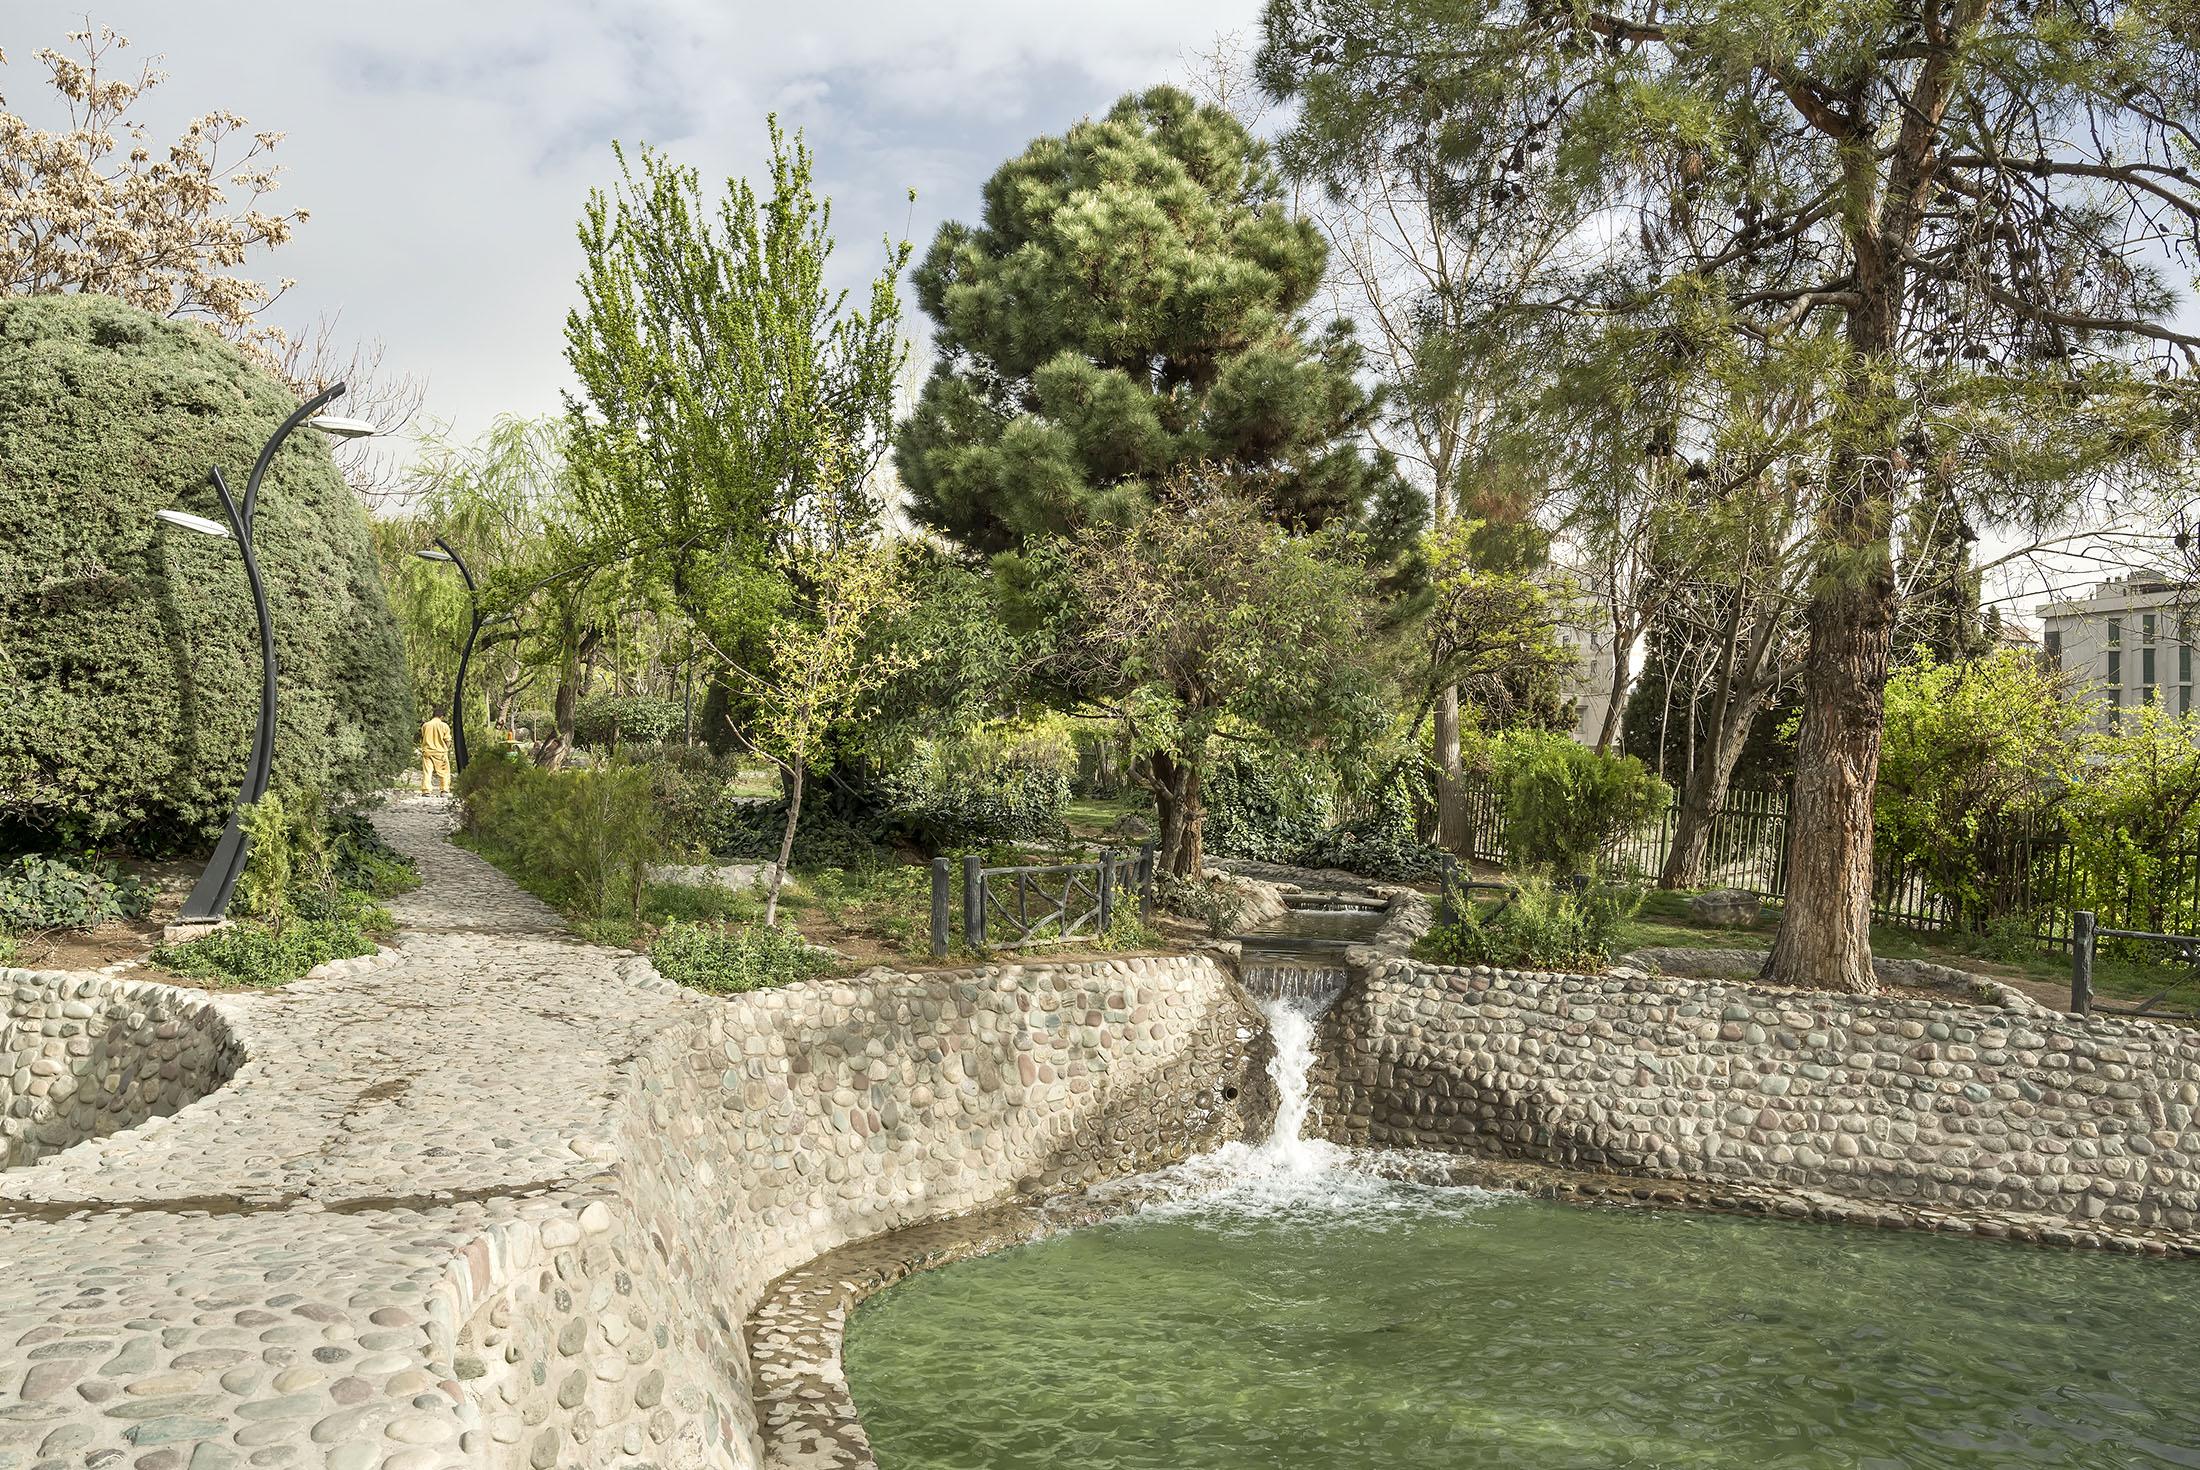 Tehran to Tashkent Overland 2